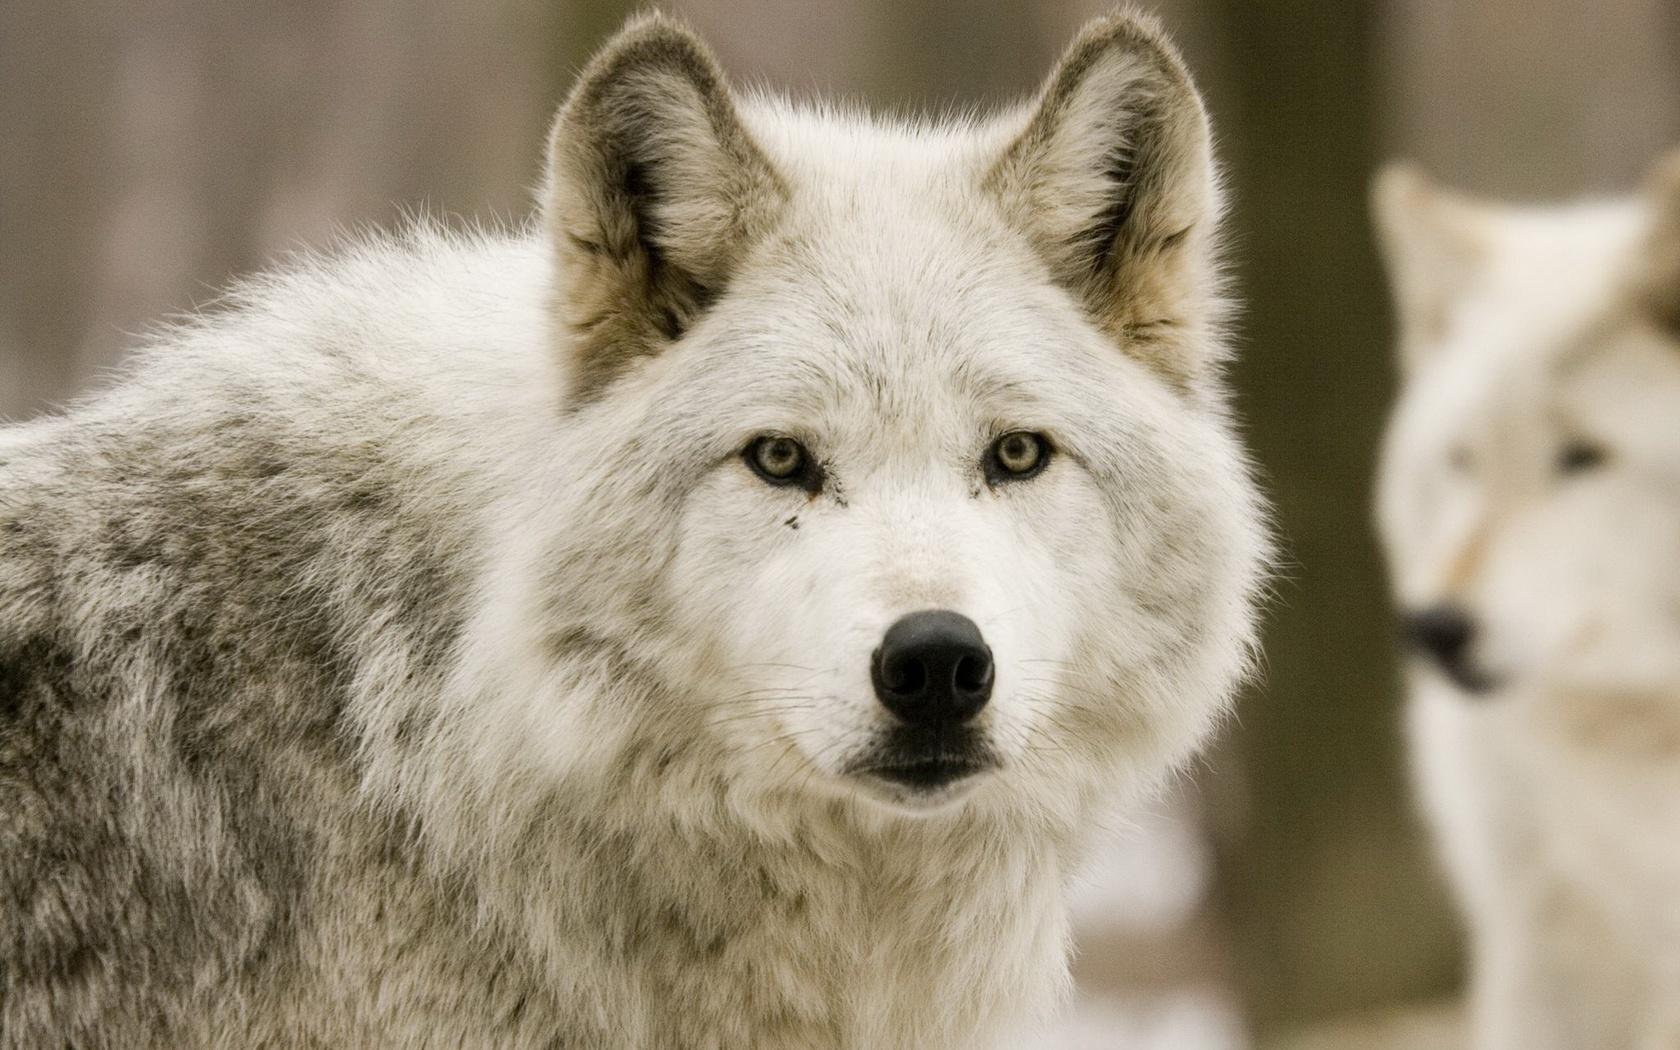 картинки про волков для обоев правильный тон сочетании